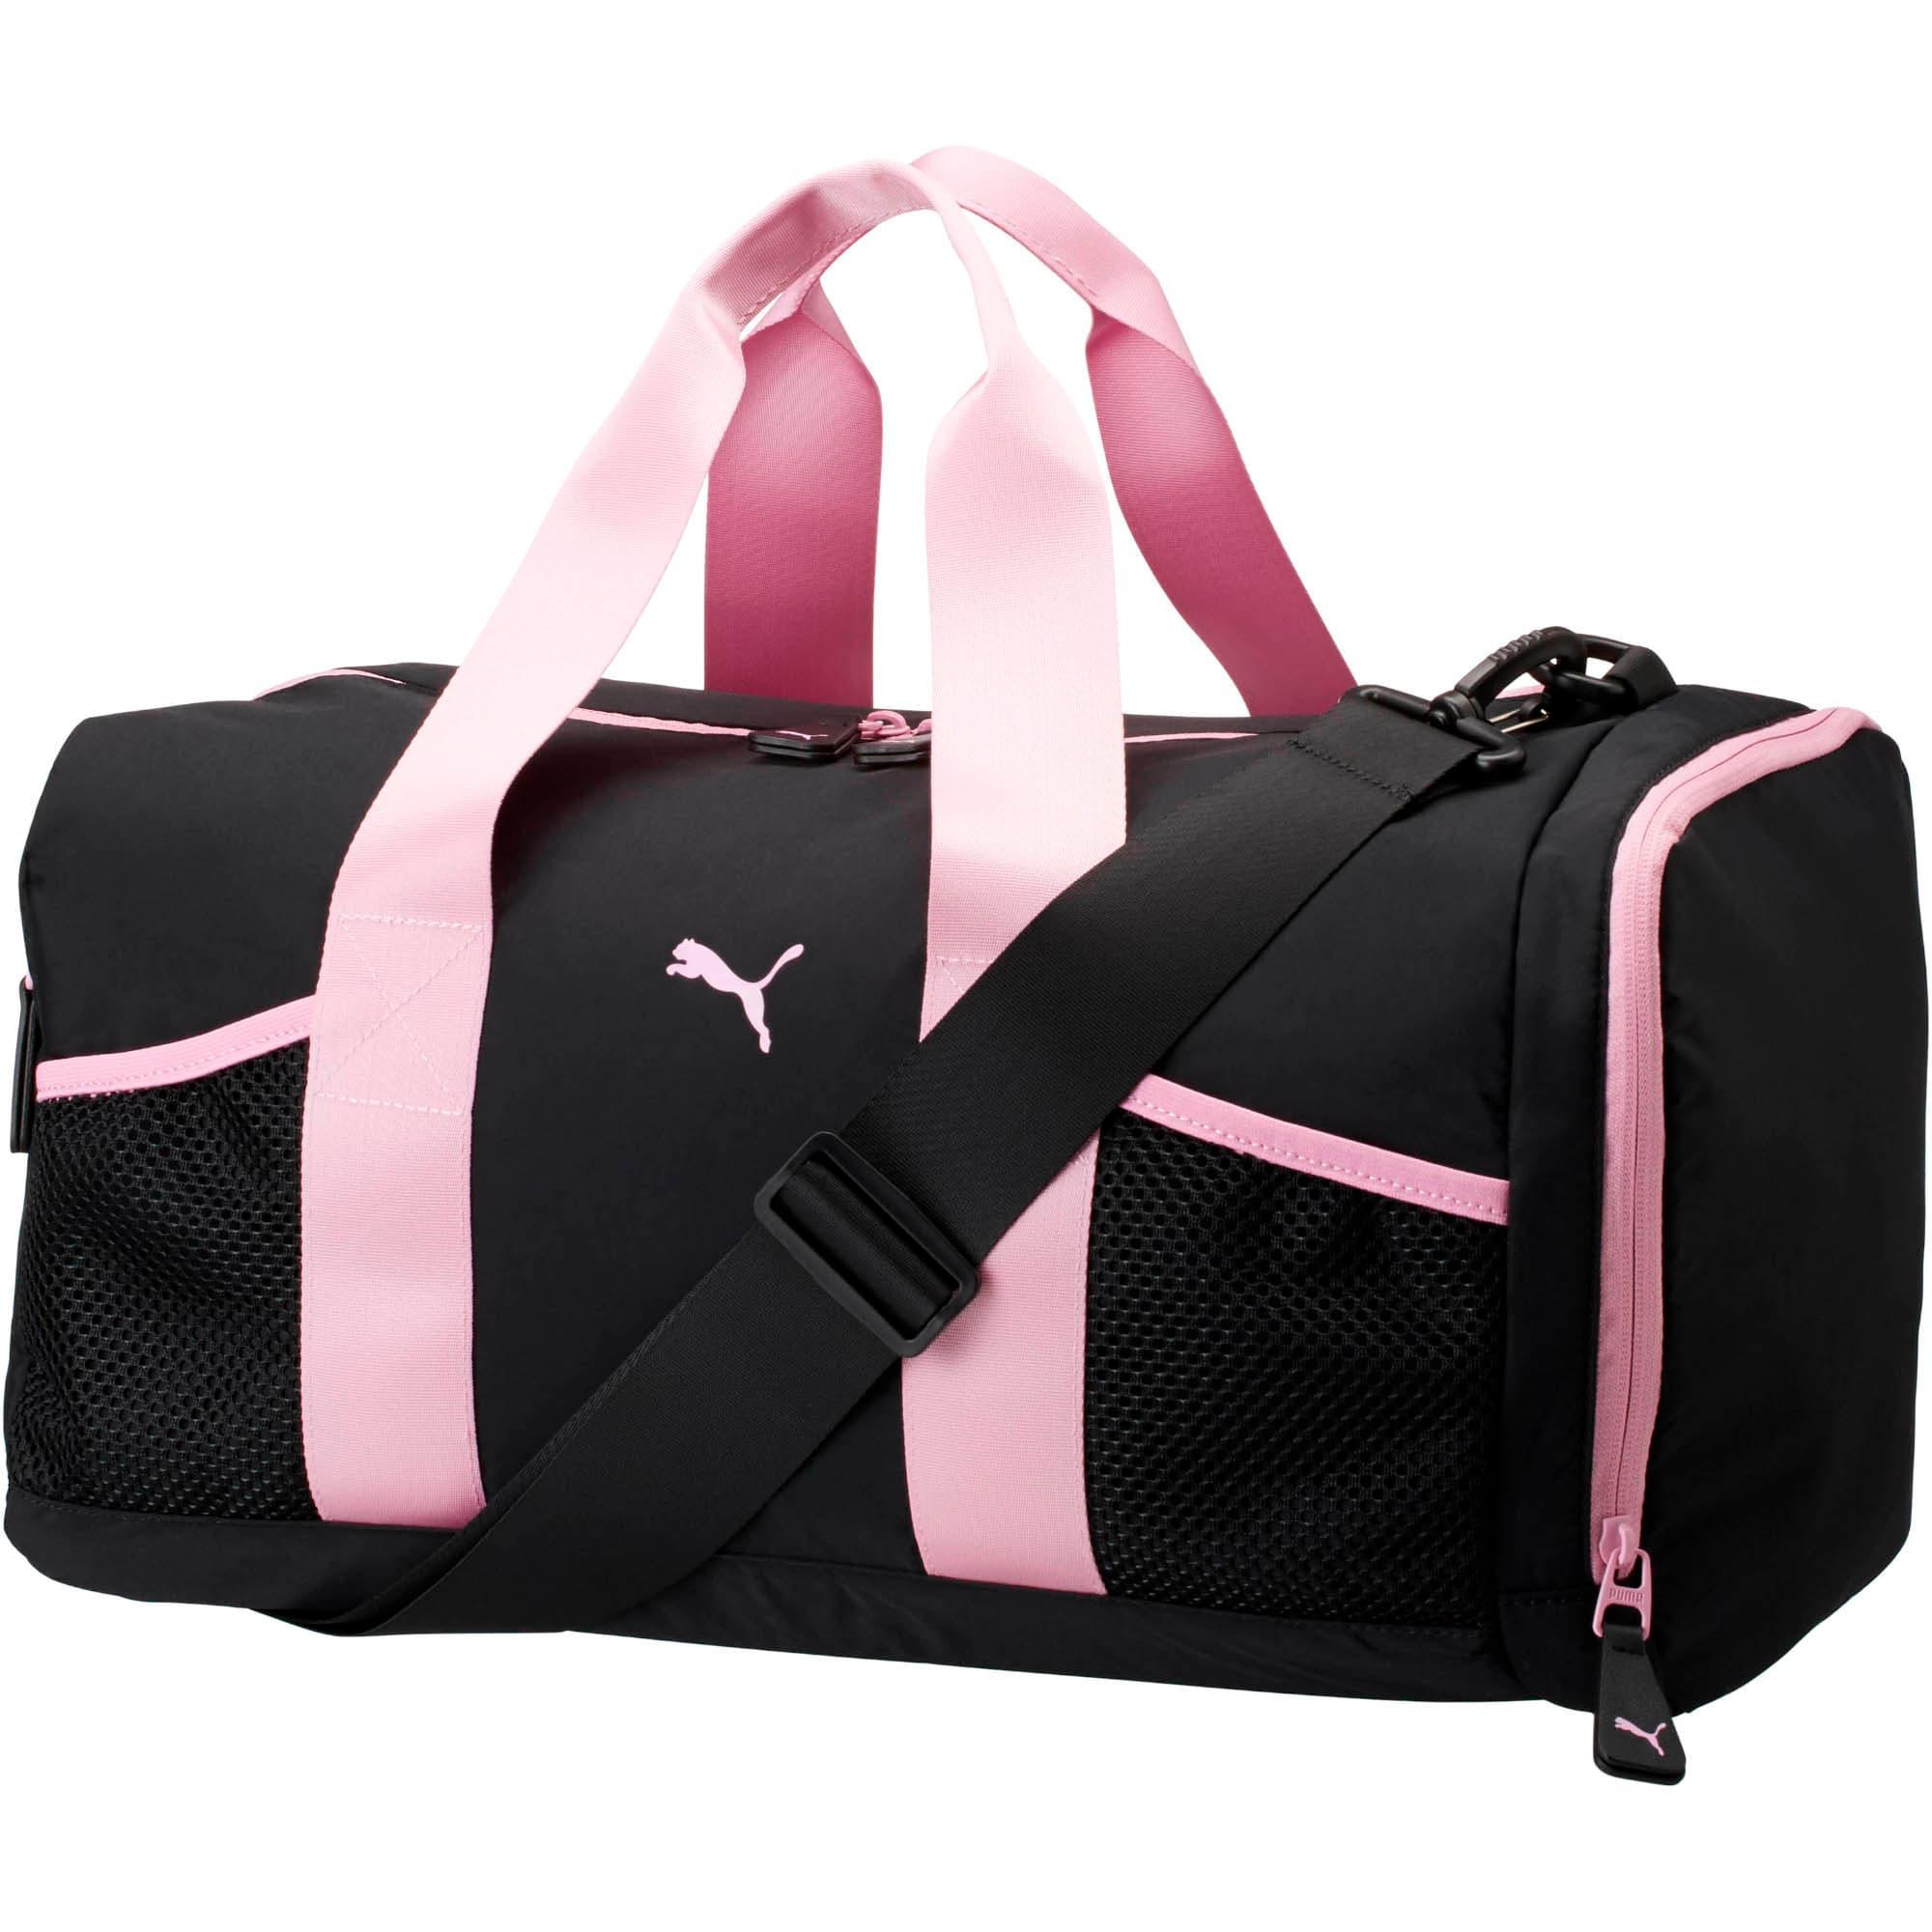 Thumbnail 1 of PUMA Upward Duffel Bag, Blk/Pink, medium